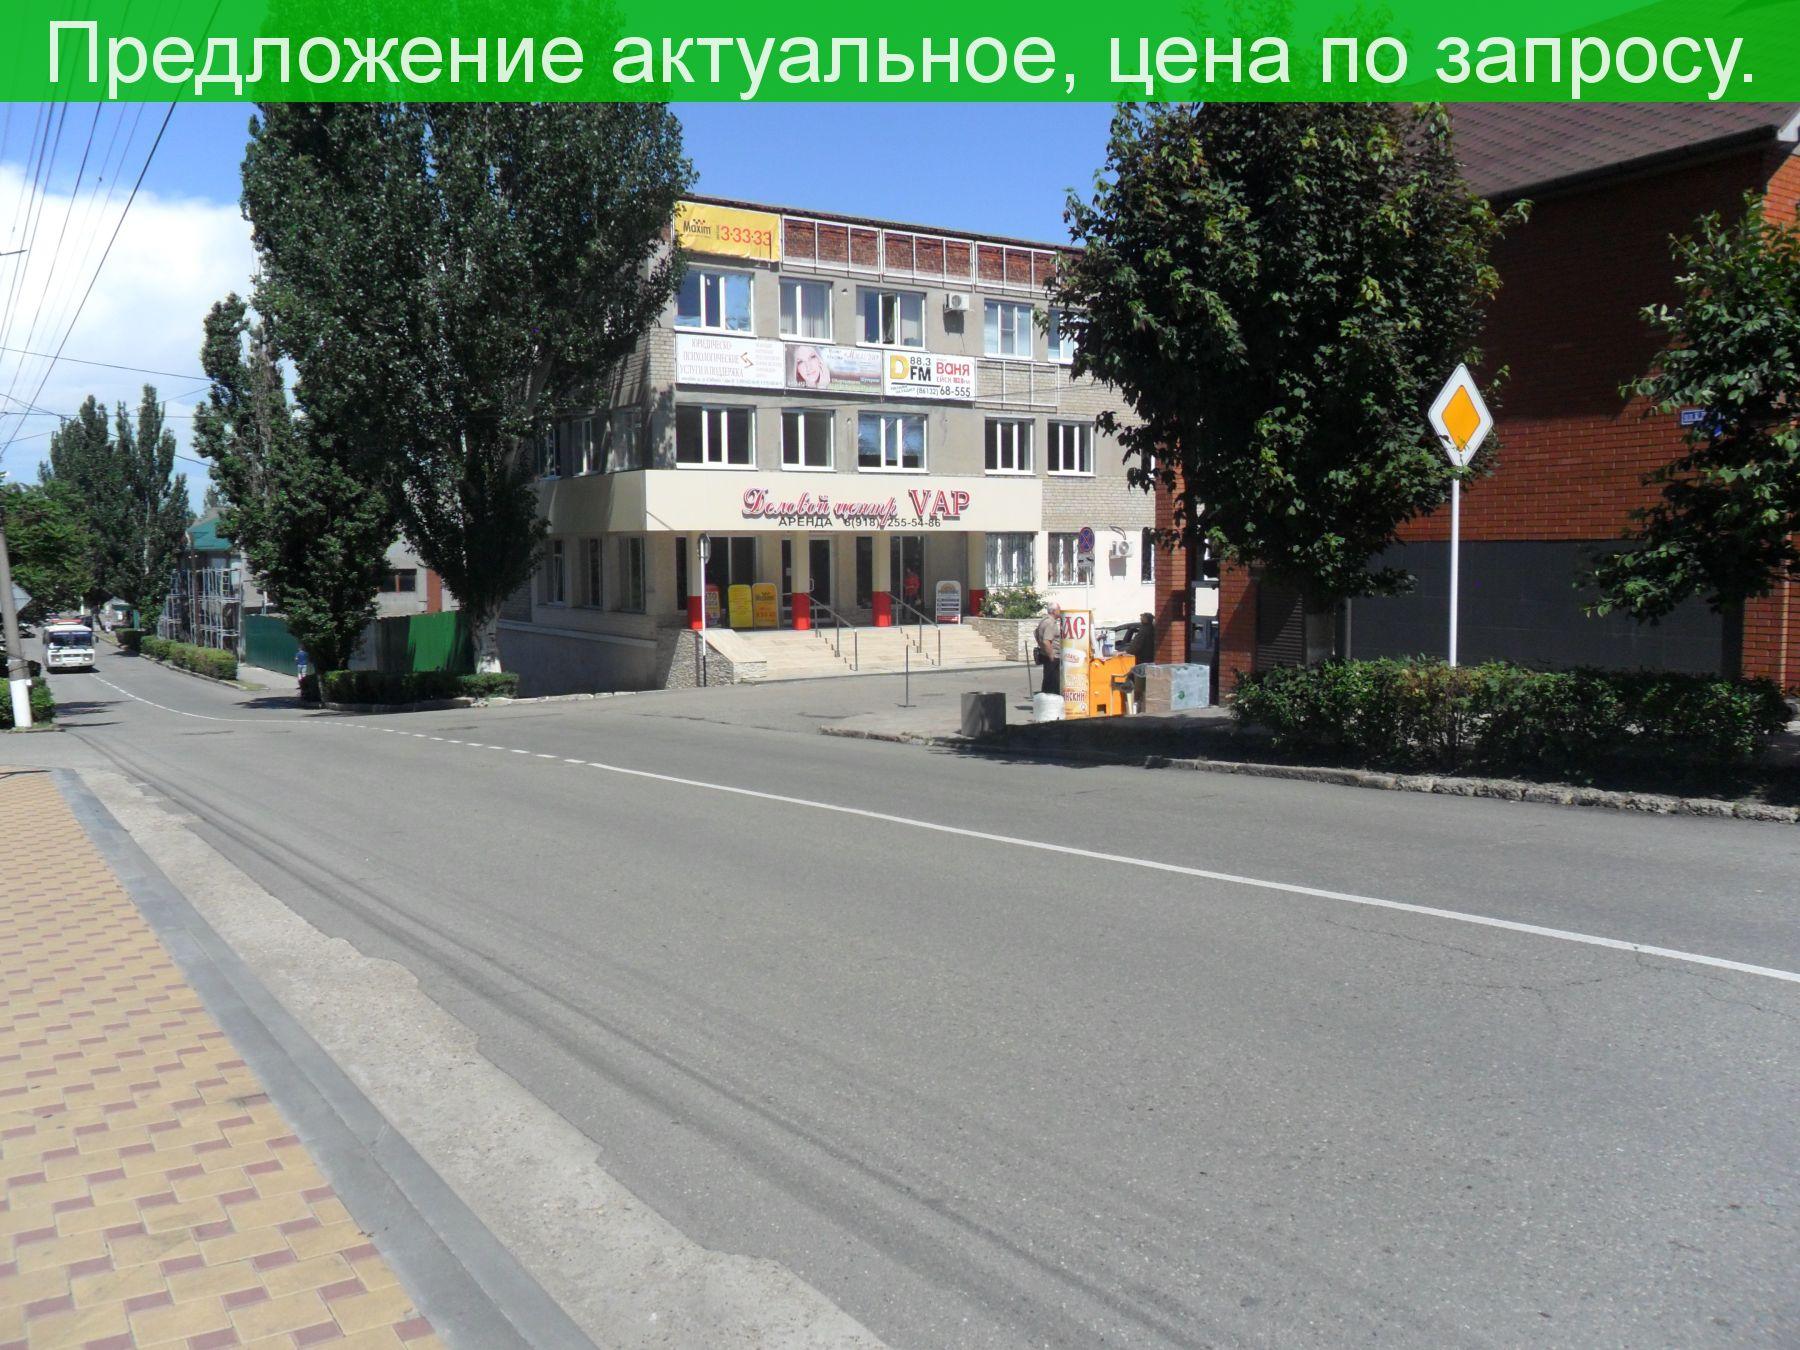 Снять офис в городе Москва Ейская улица поиск помещения под офис Чоботовская улица